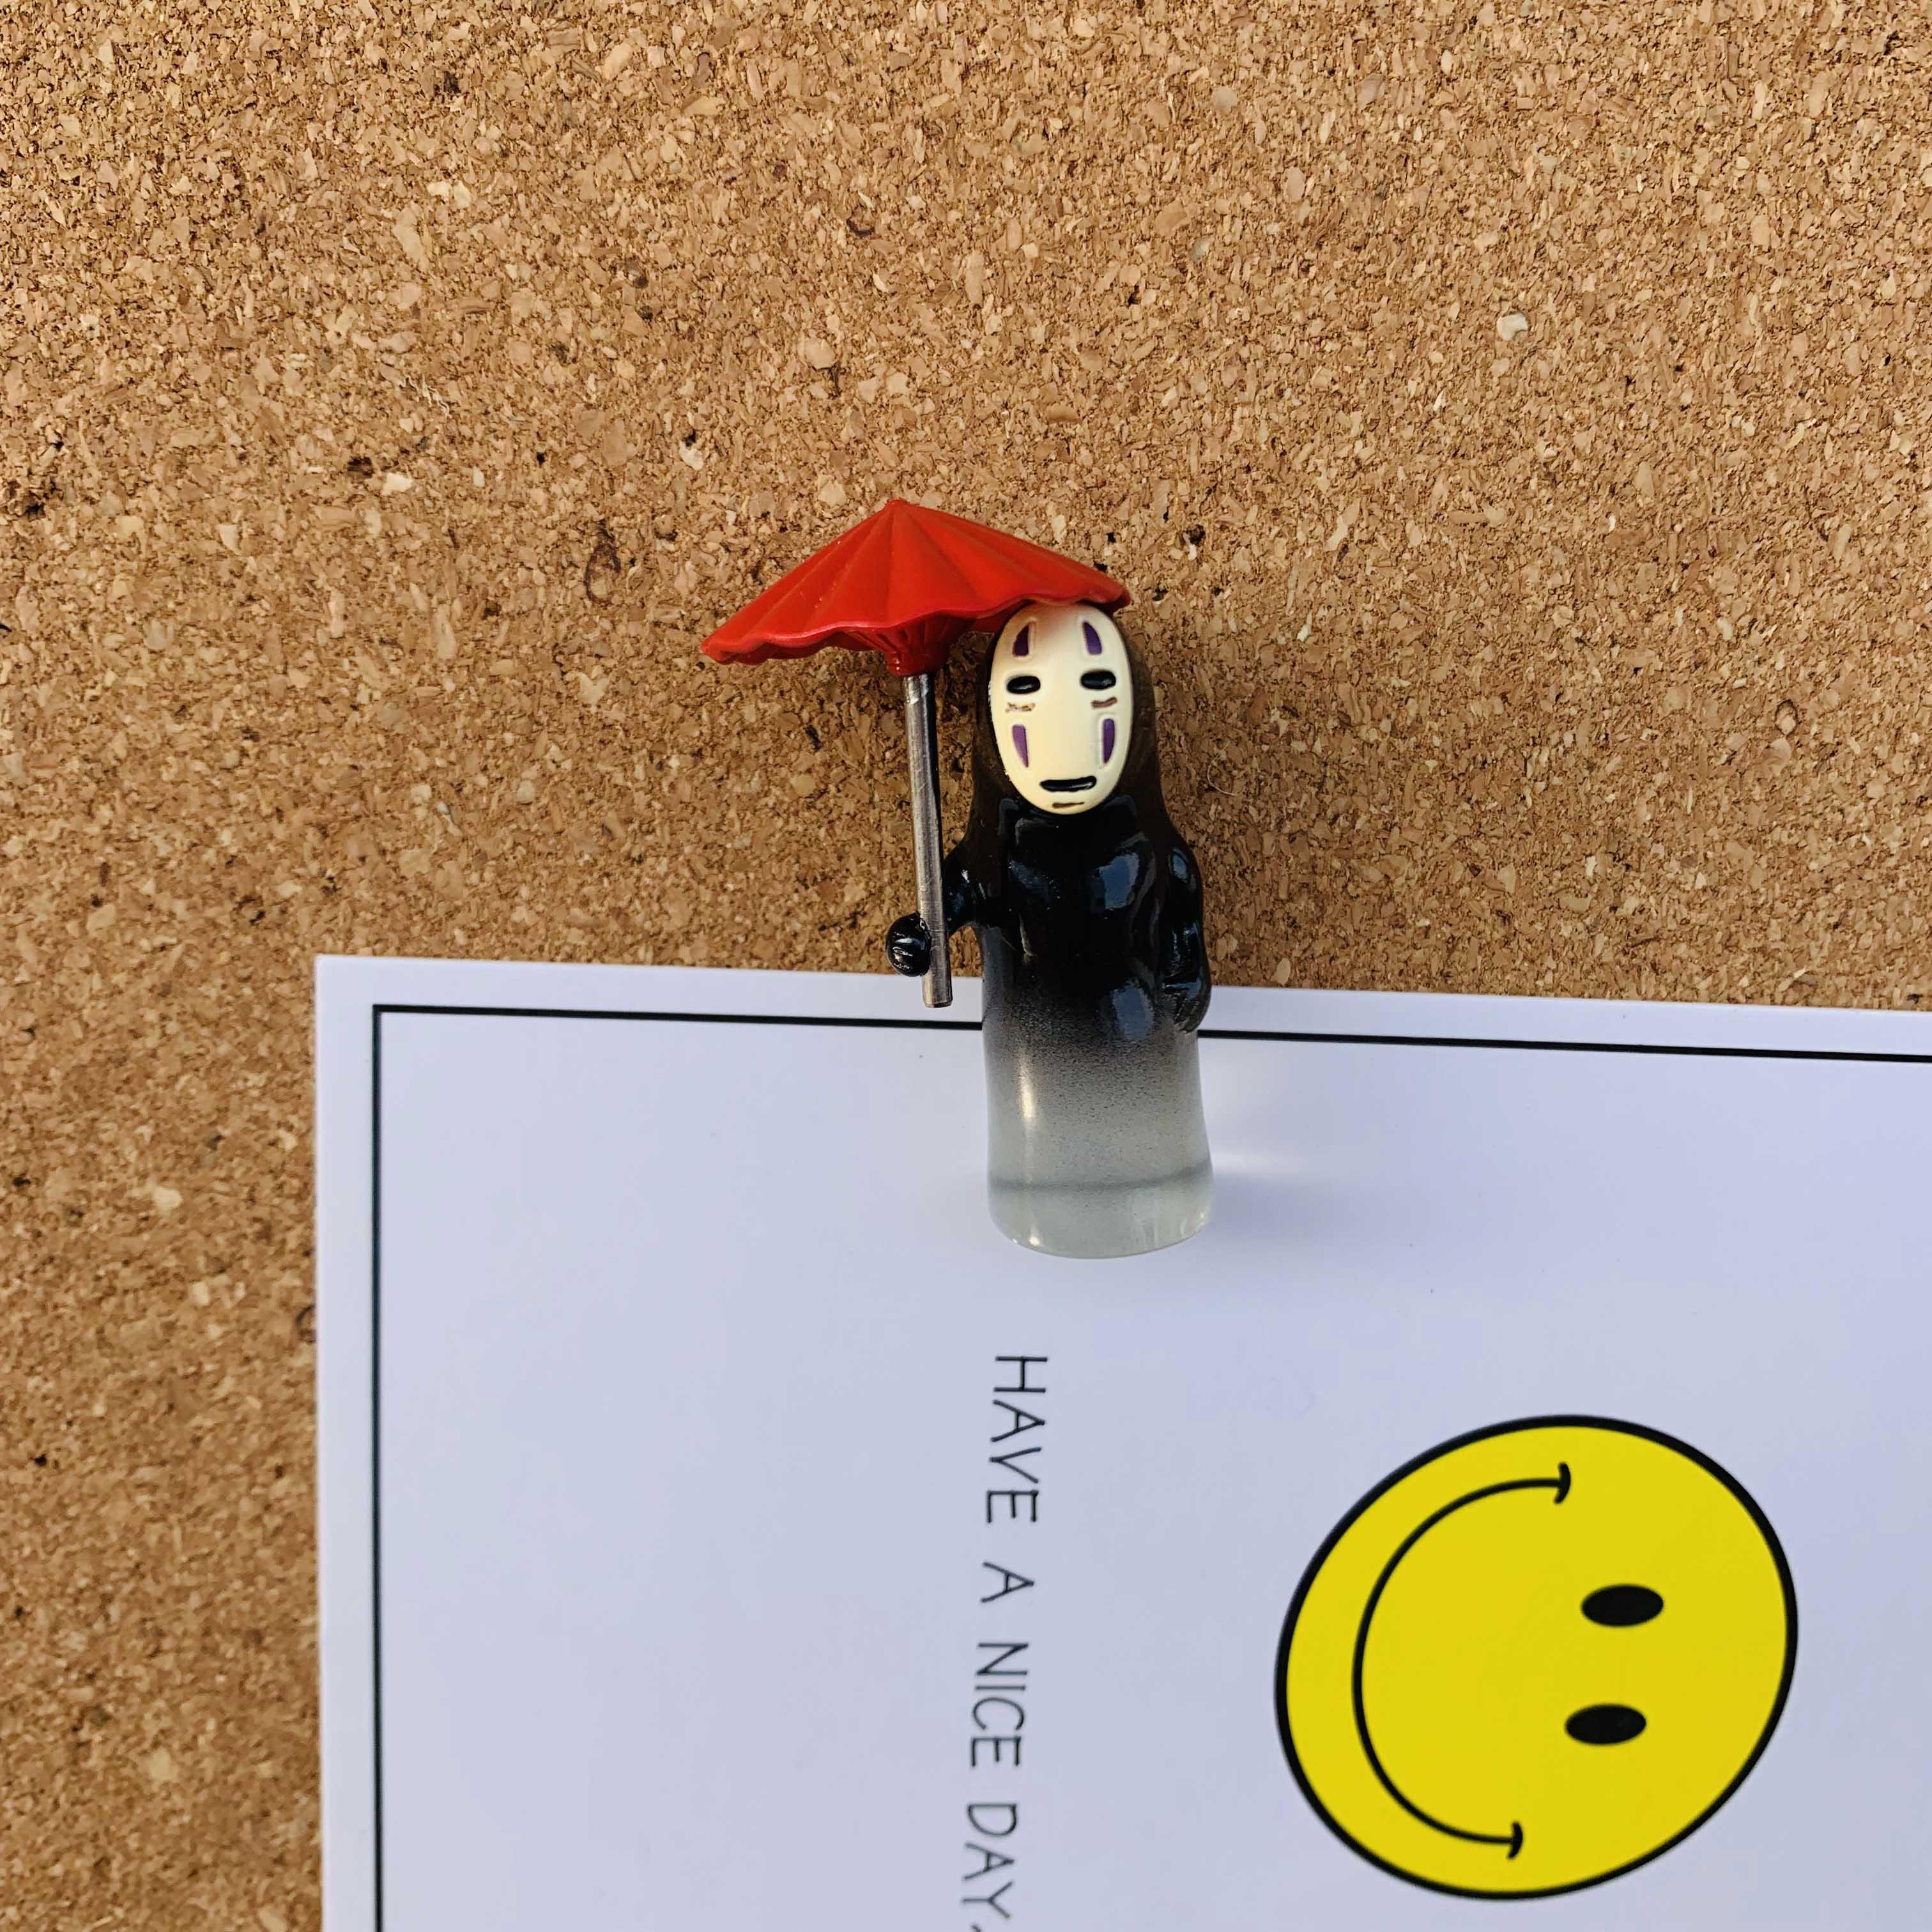 1个撑伞无脸男宫崎骏卡通工字图钉 毛毡软木留言板照片墙装饰按钉